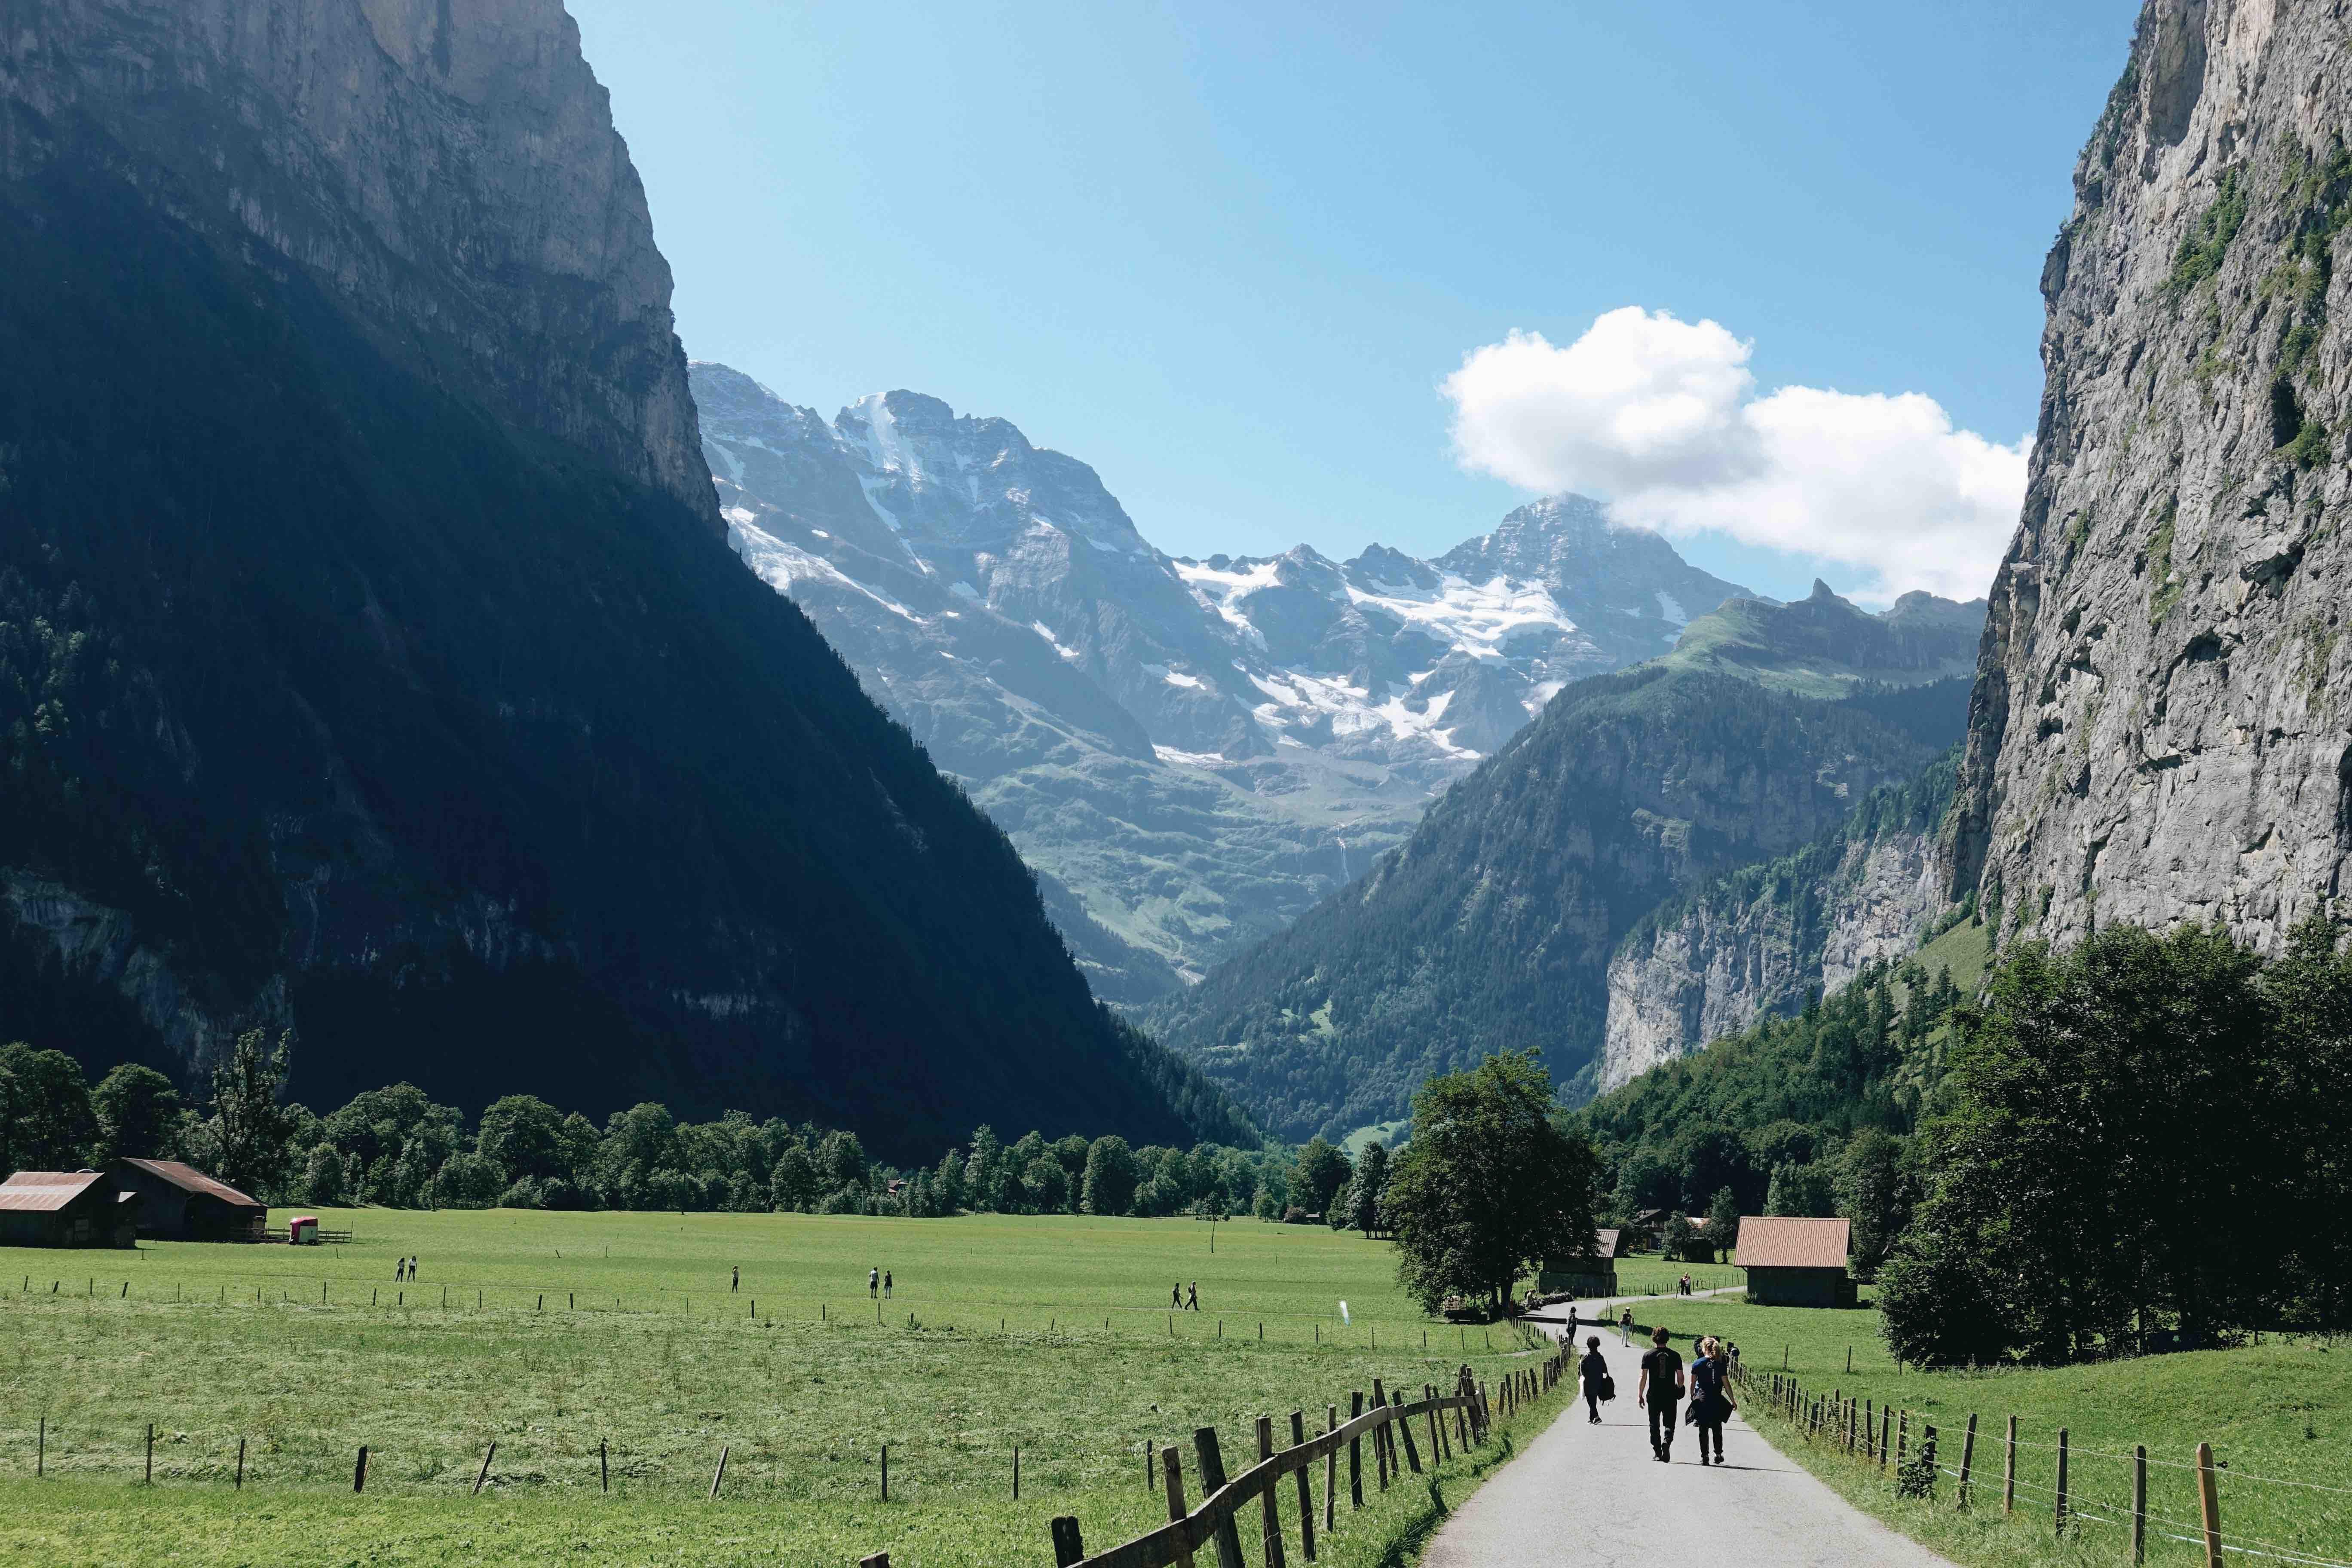 İsviçre'nin yeşil kasabalarından biri olan Lautebrunnen